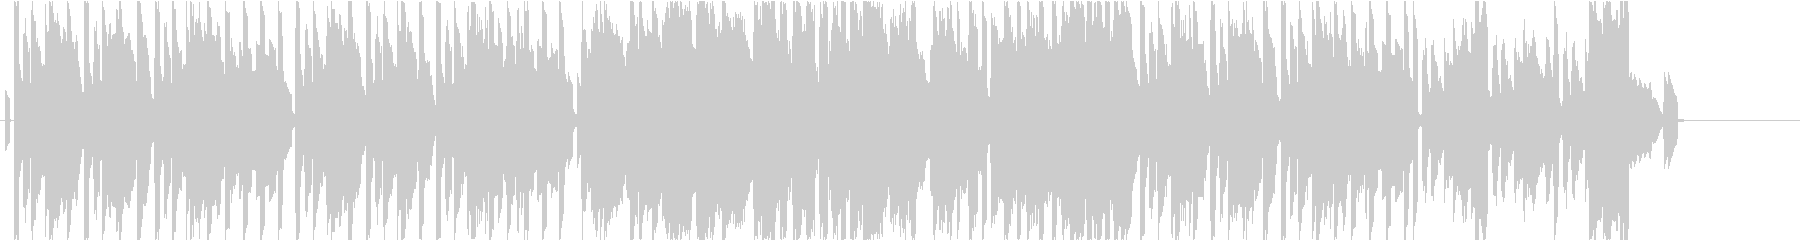 ハーモニカとエレピの爽やかなBGMの未再生の波形